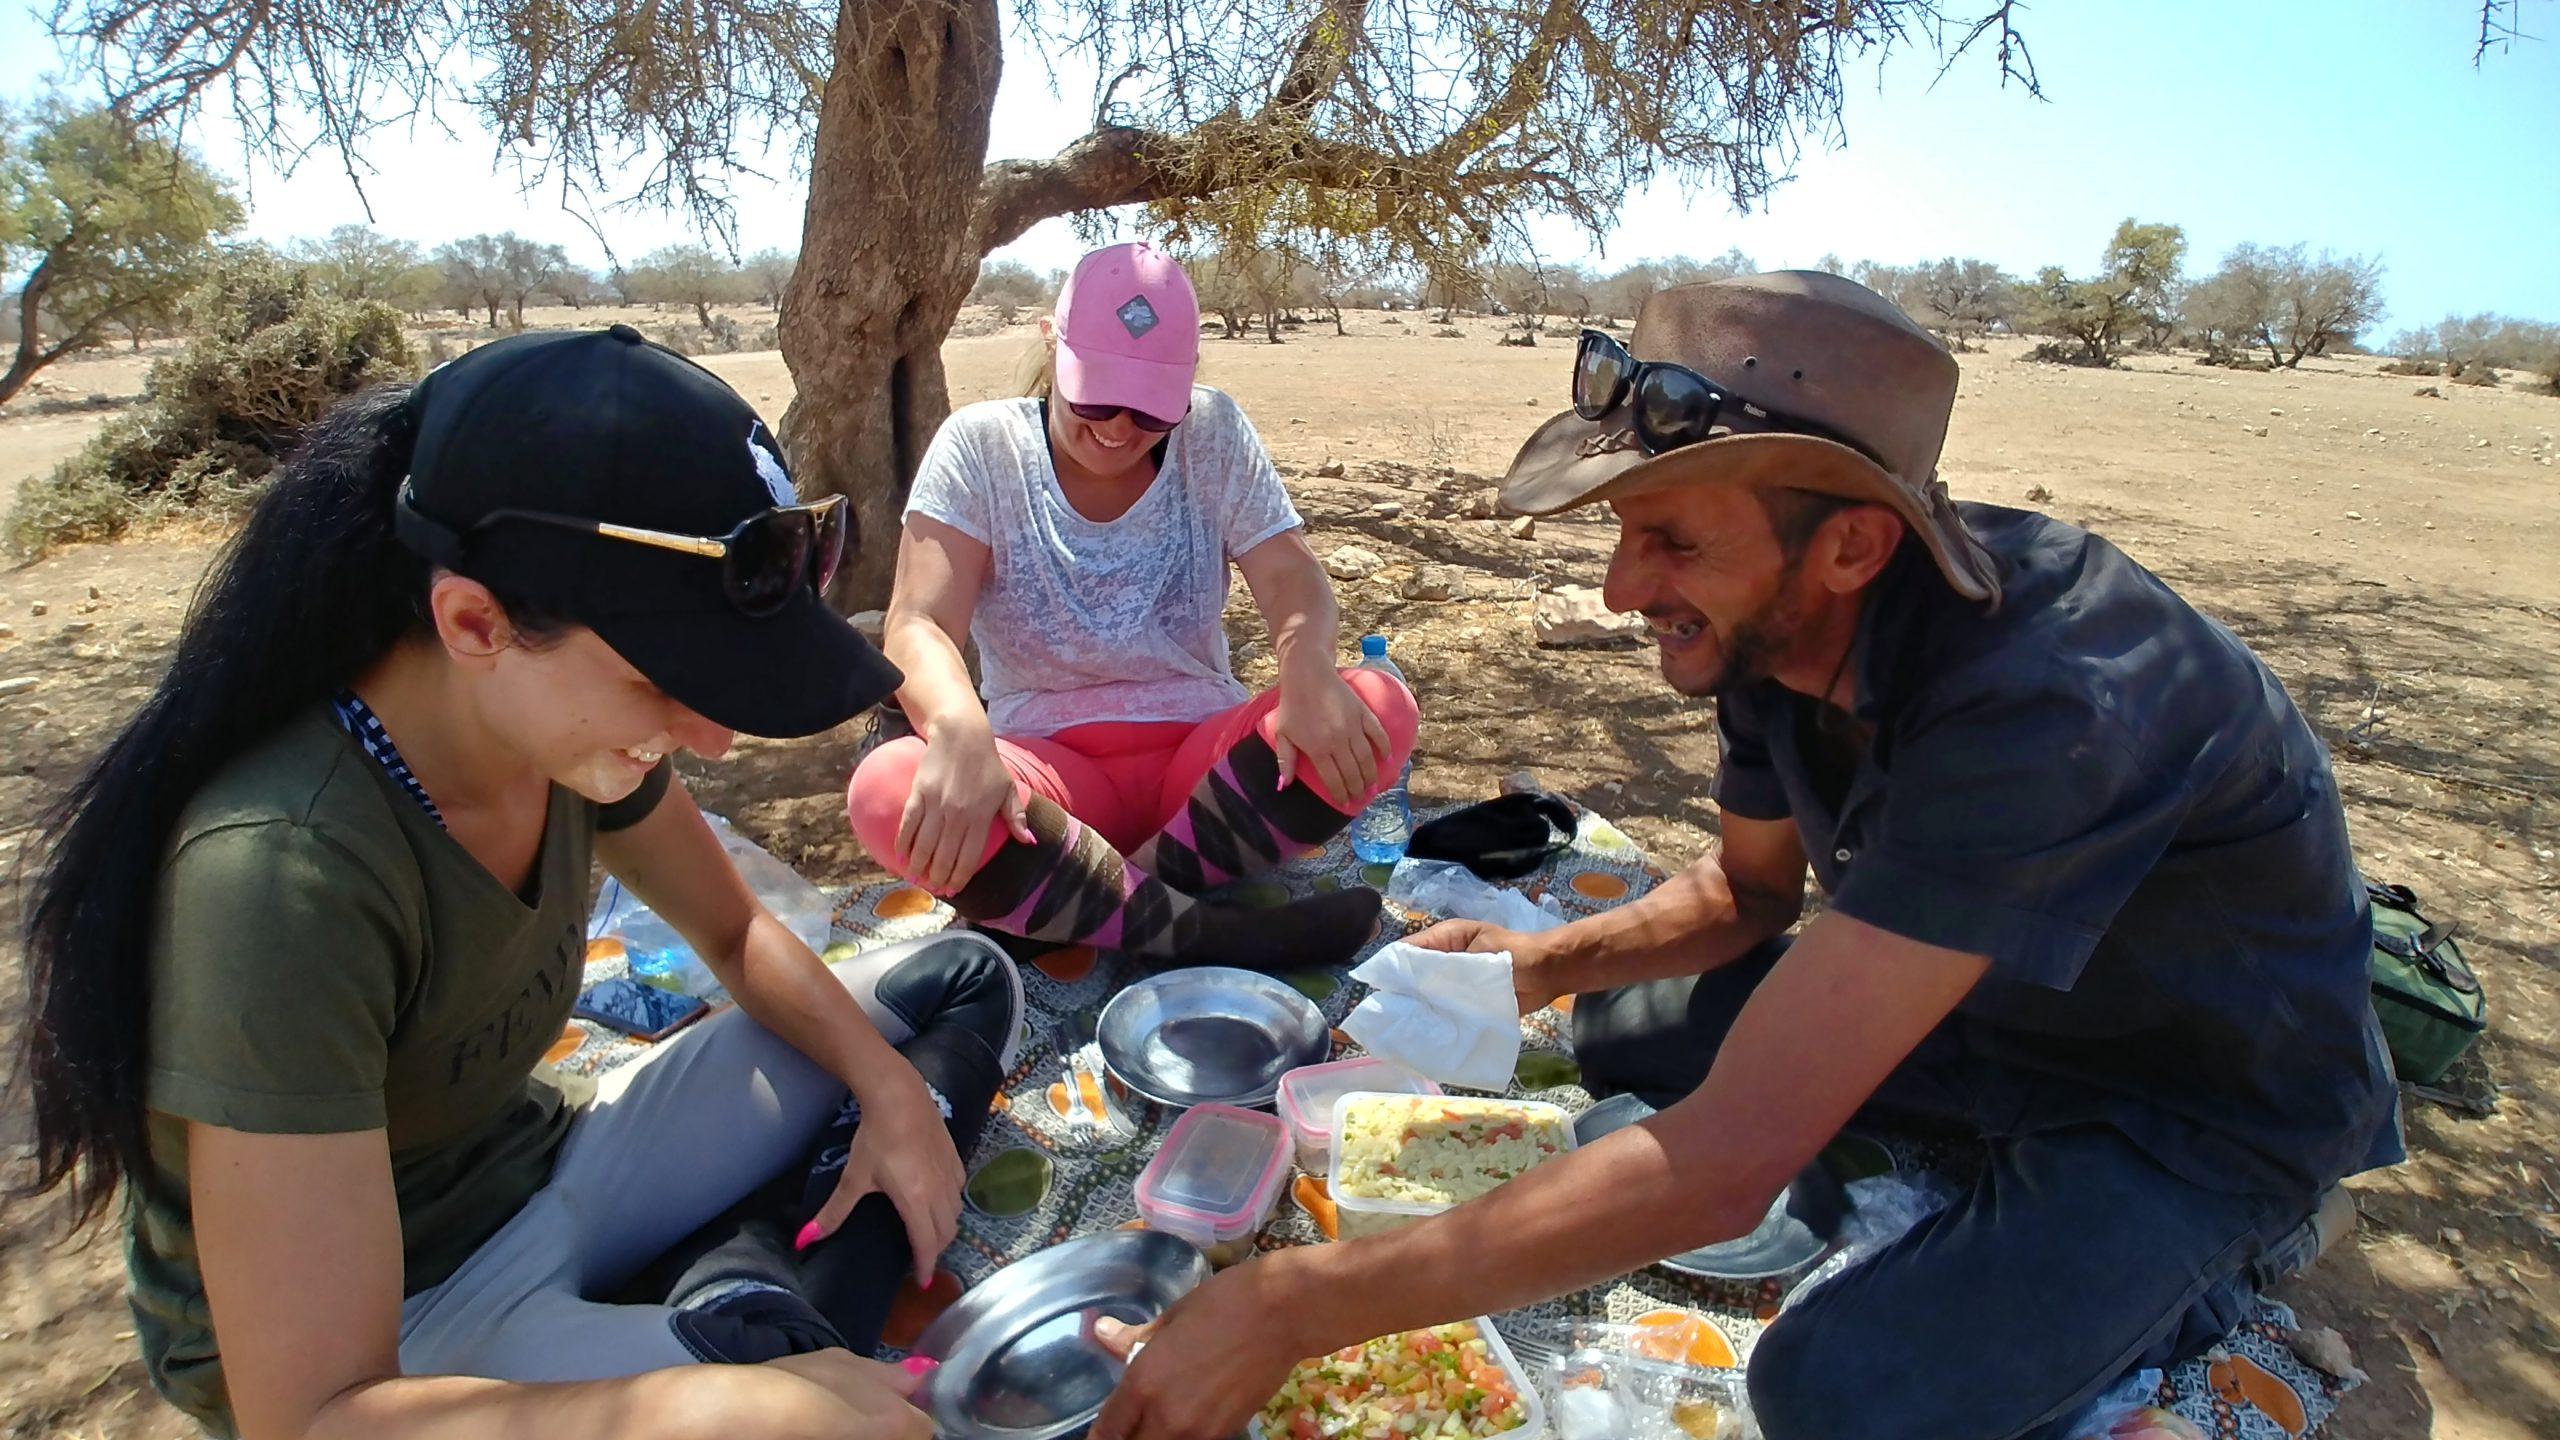 Maroc - Randonnée à cheval à Essaouira et Sidi Kaouki, pique-nique